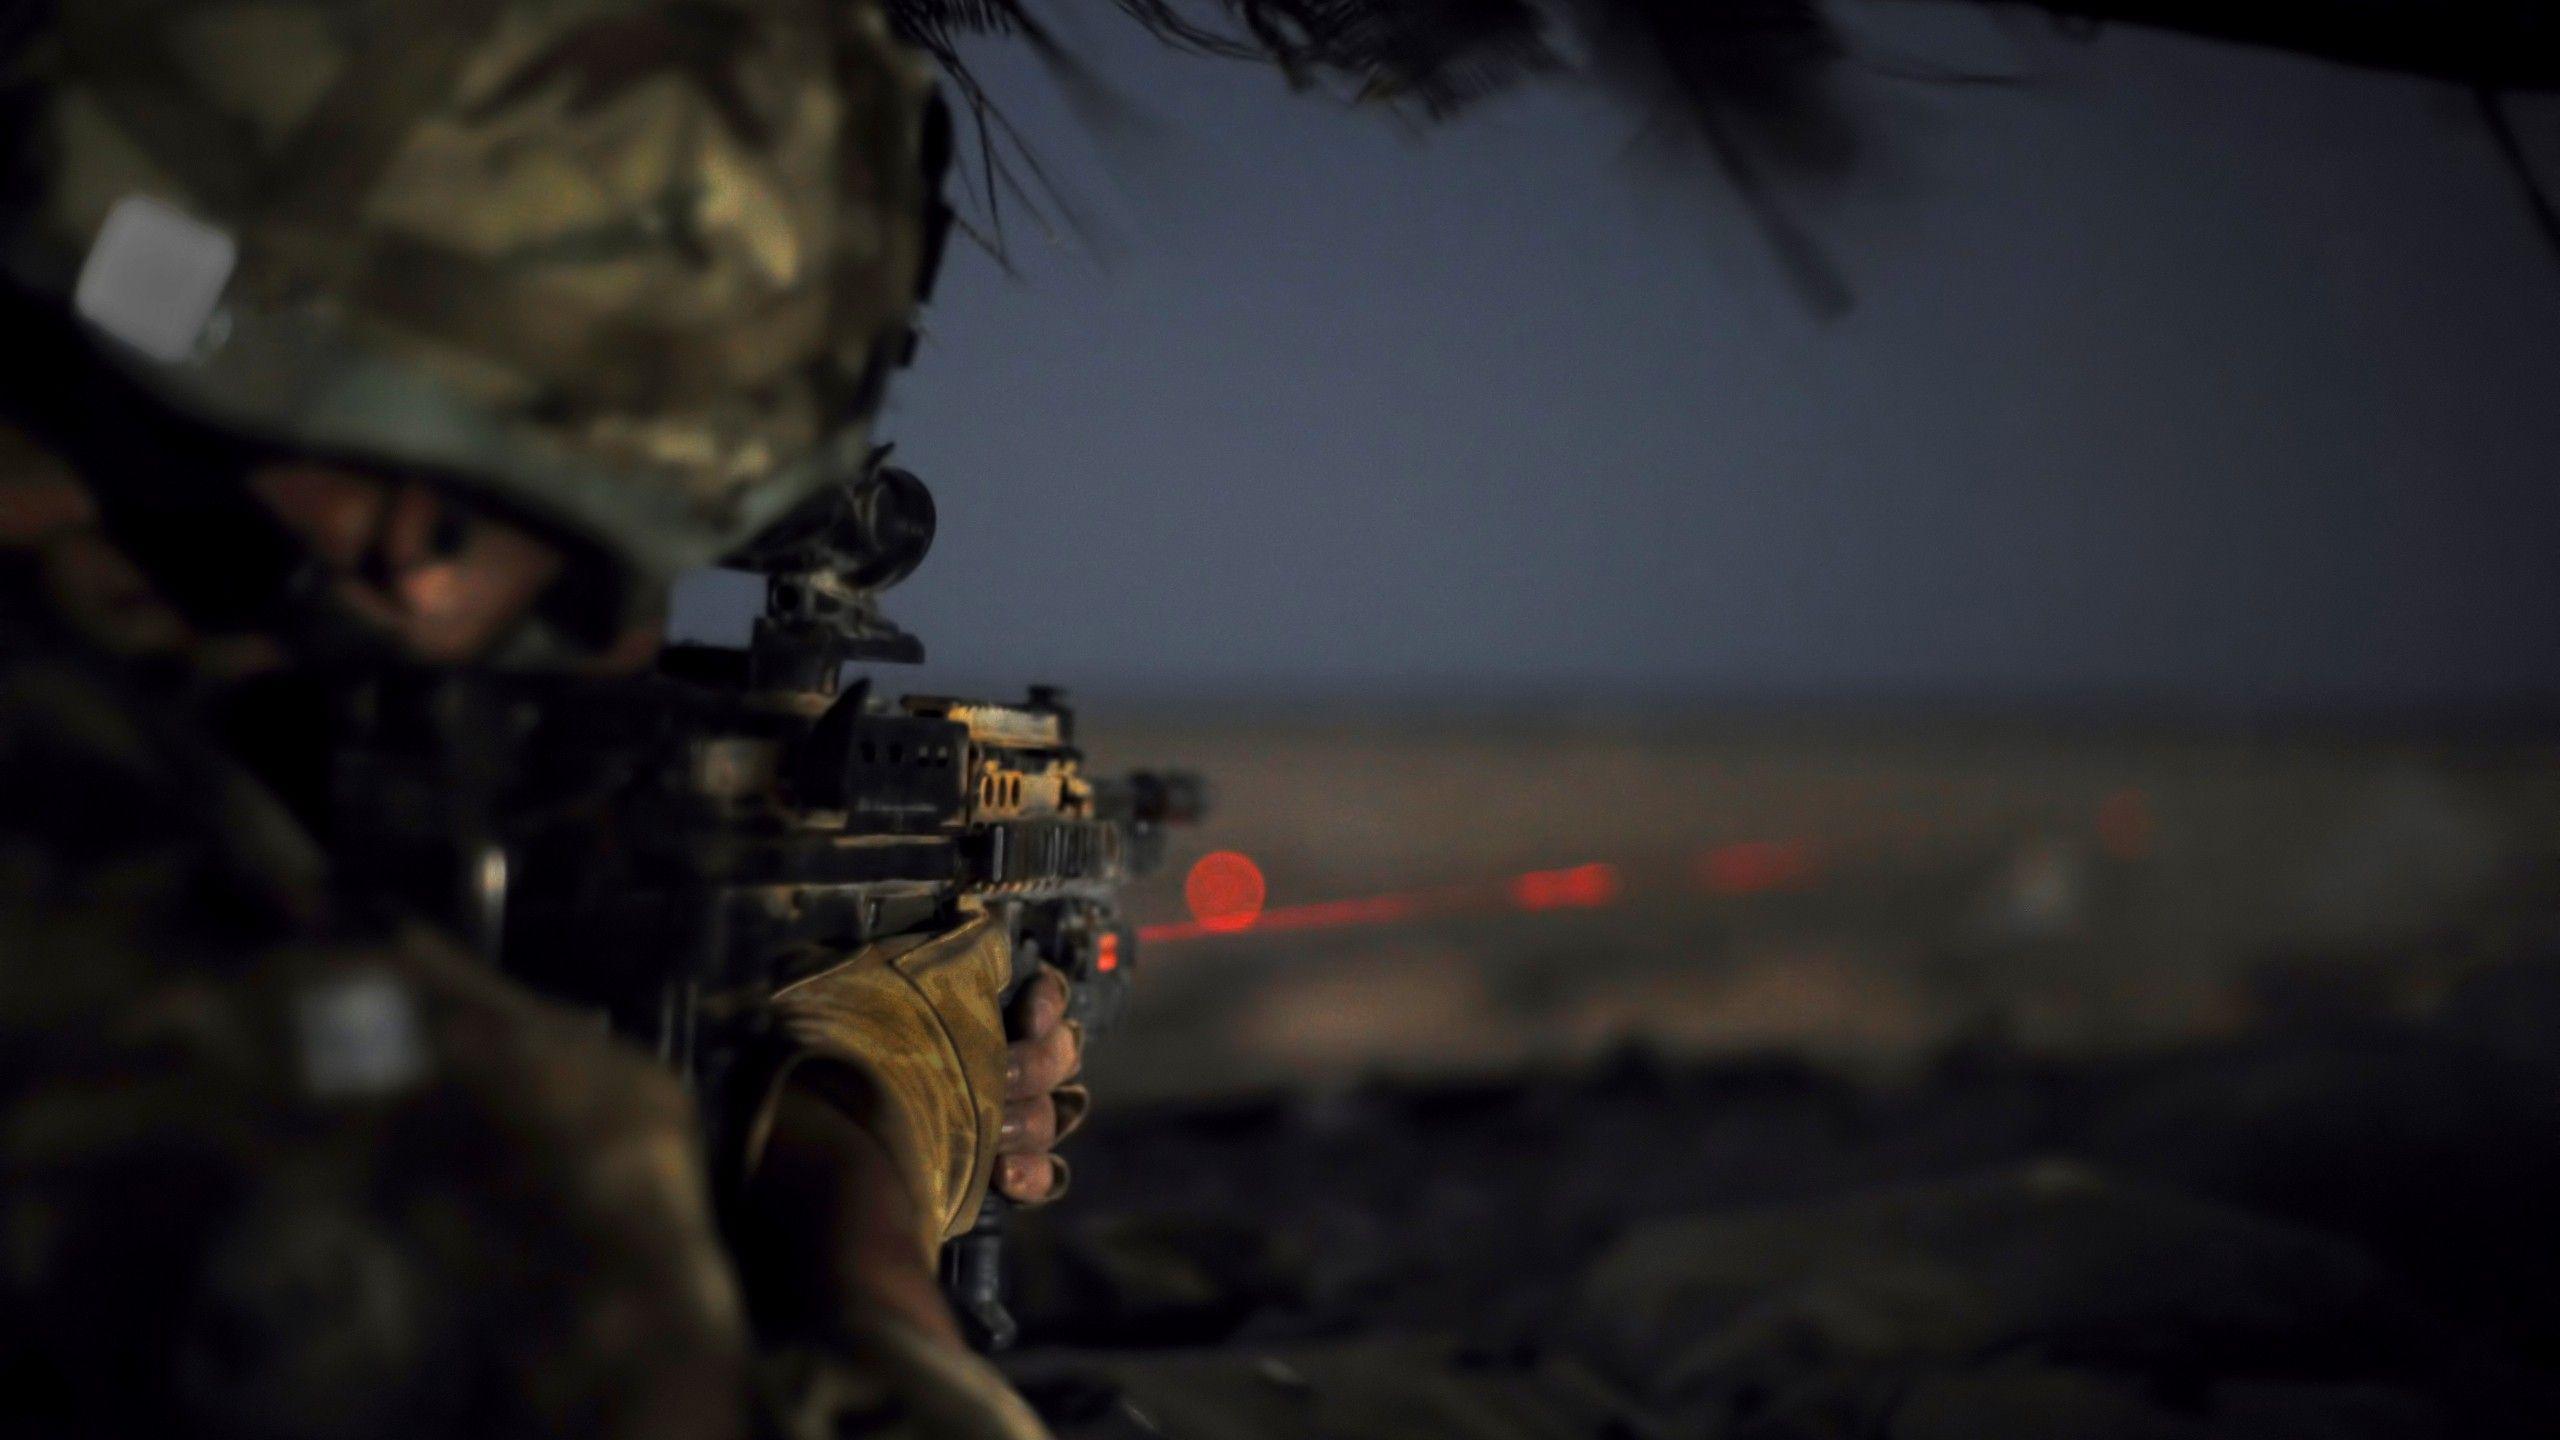 www army image